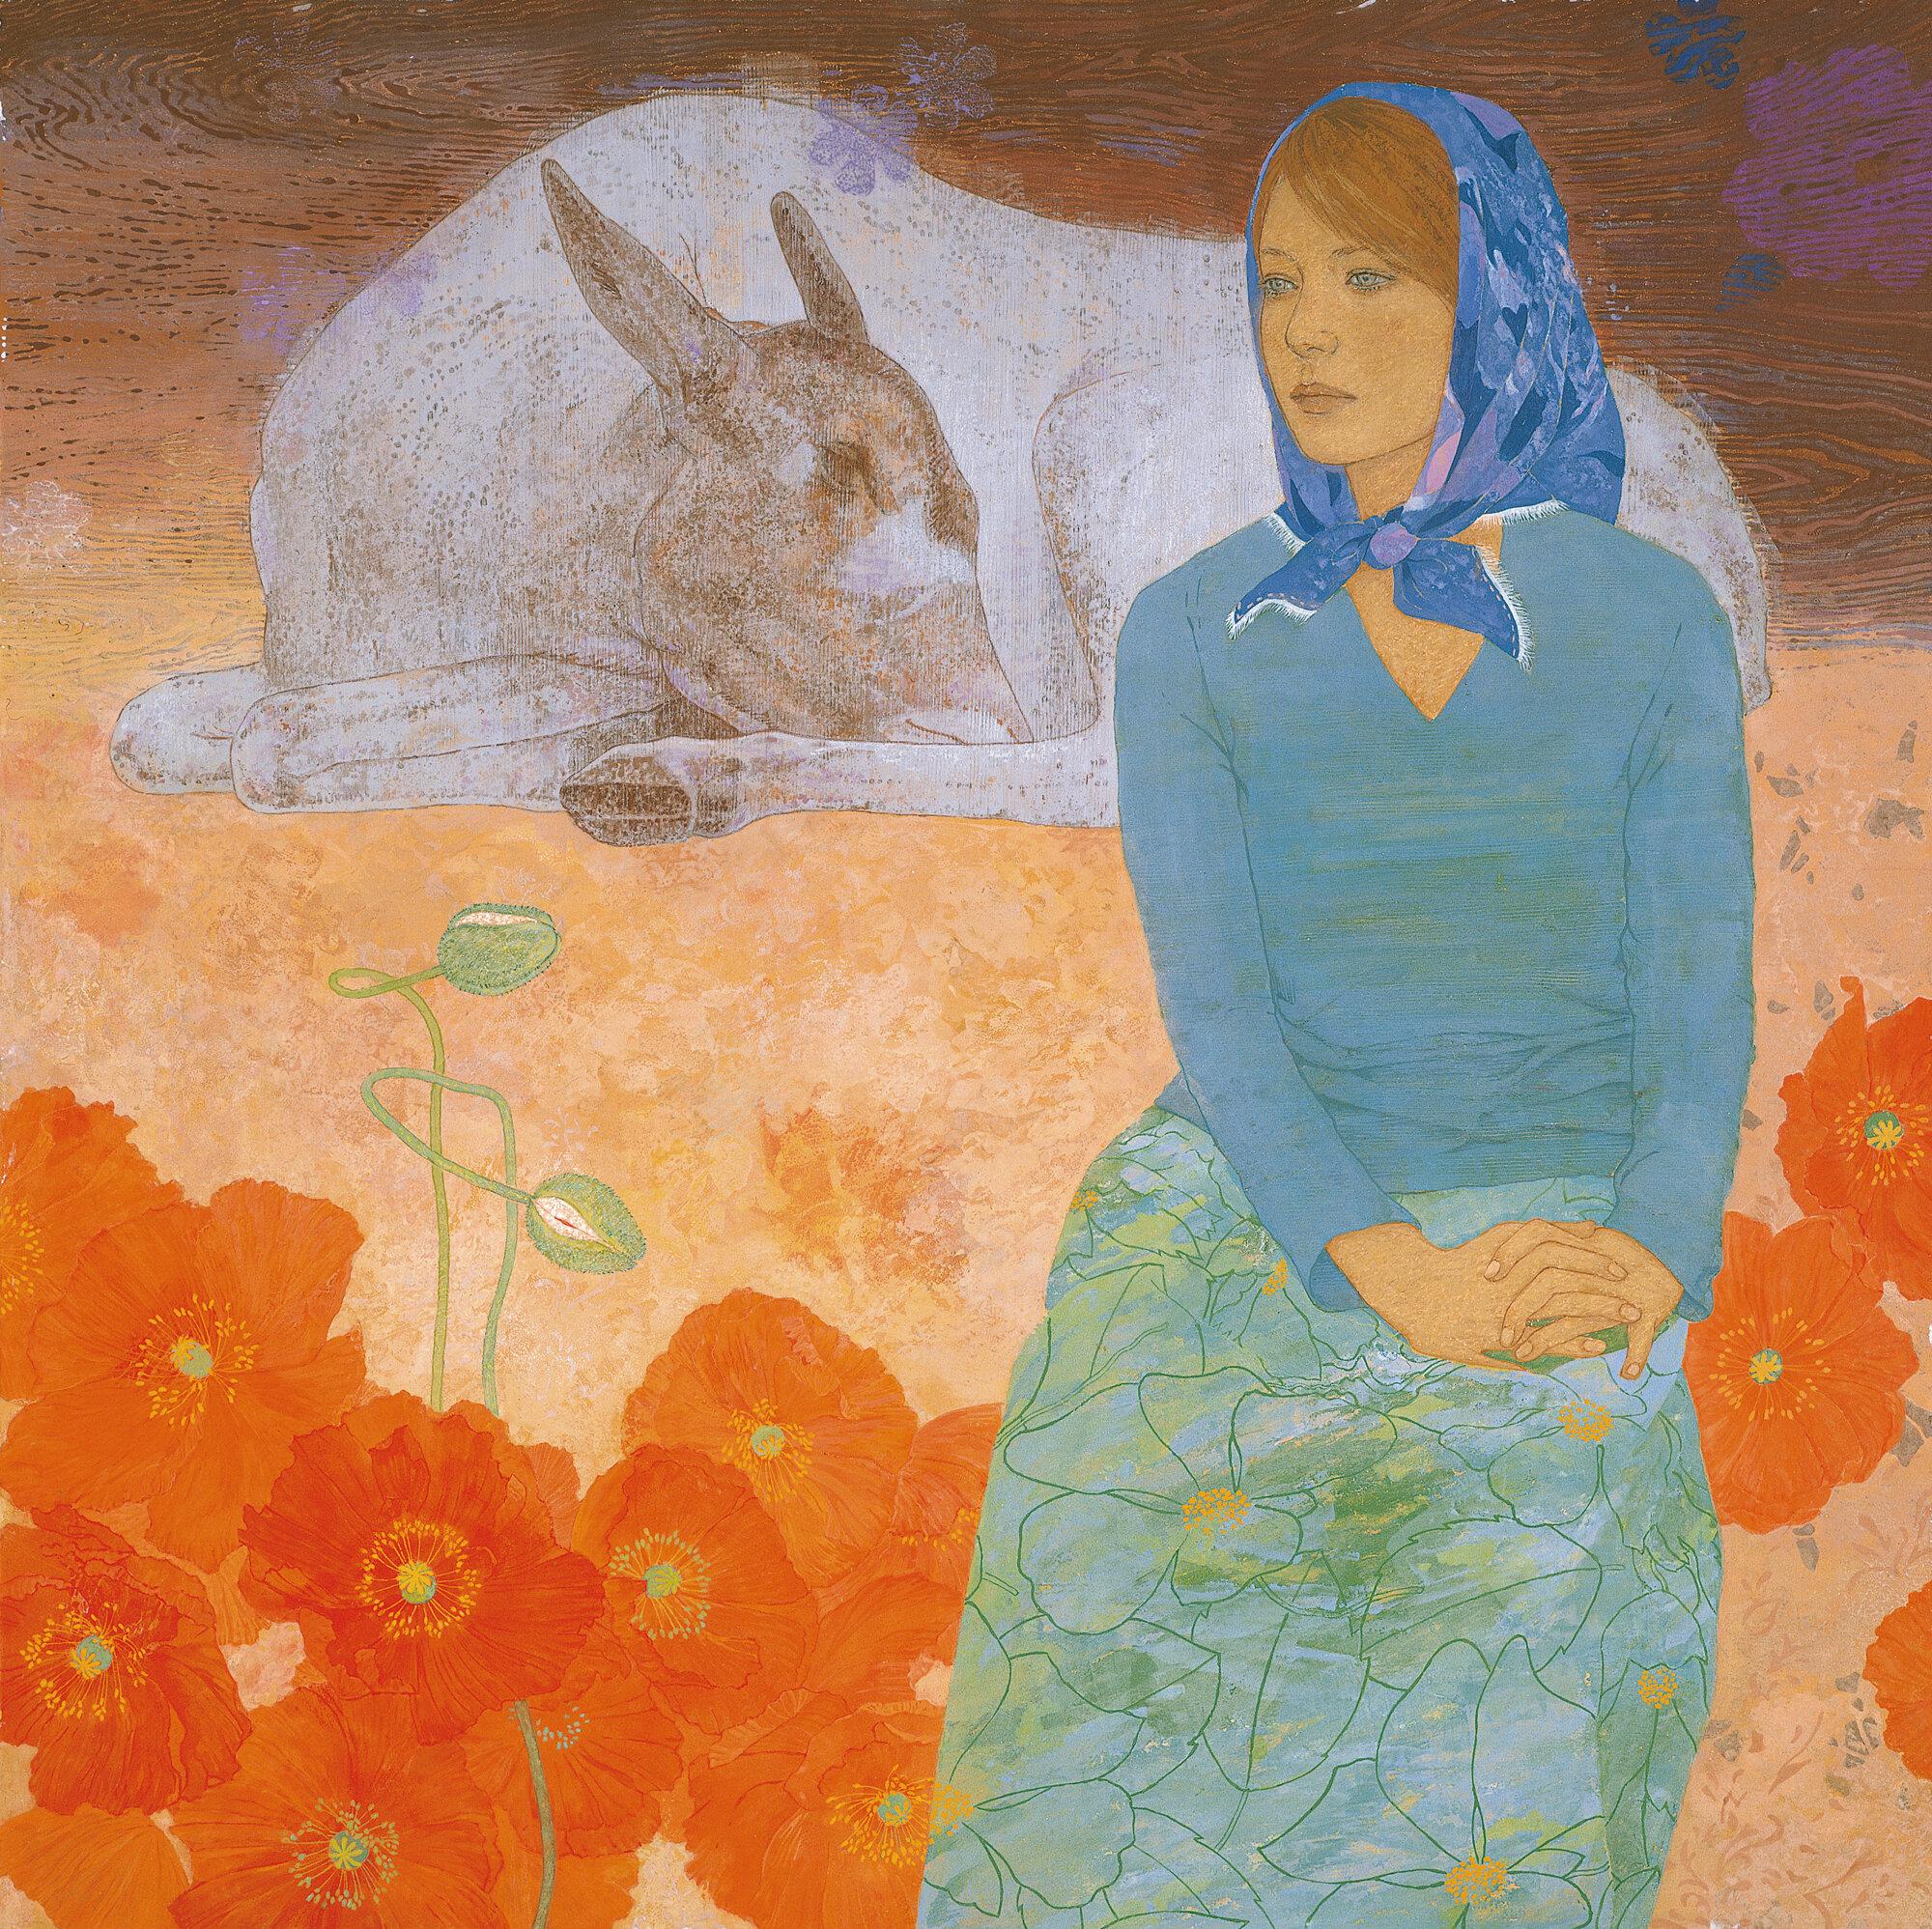 藤原まどか《庭のぬし》2006